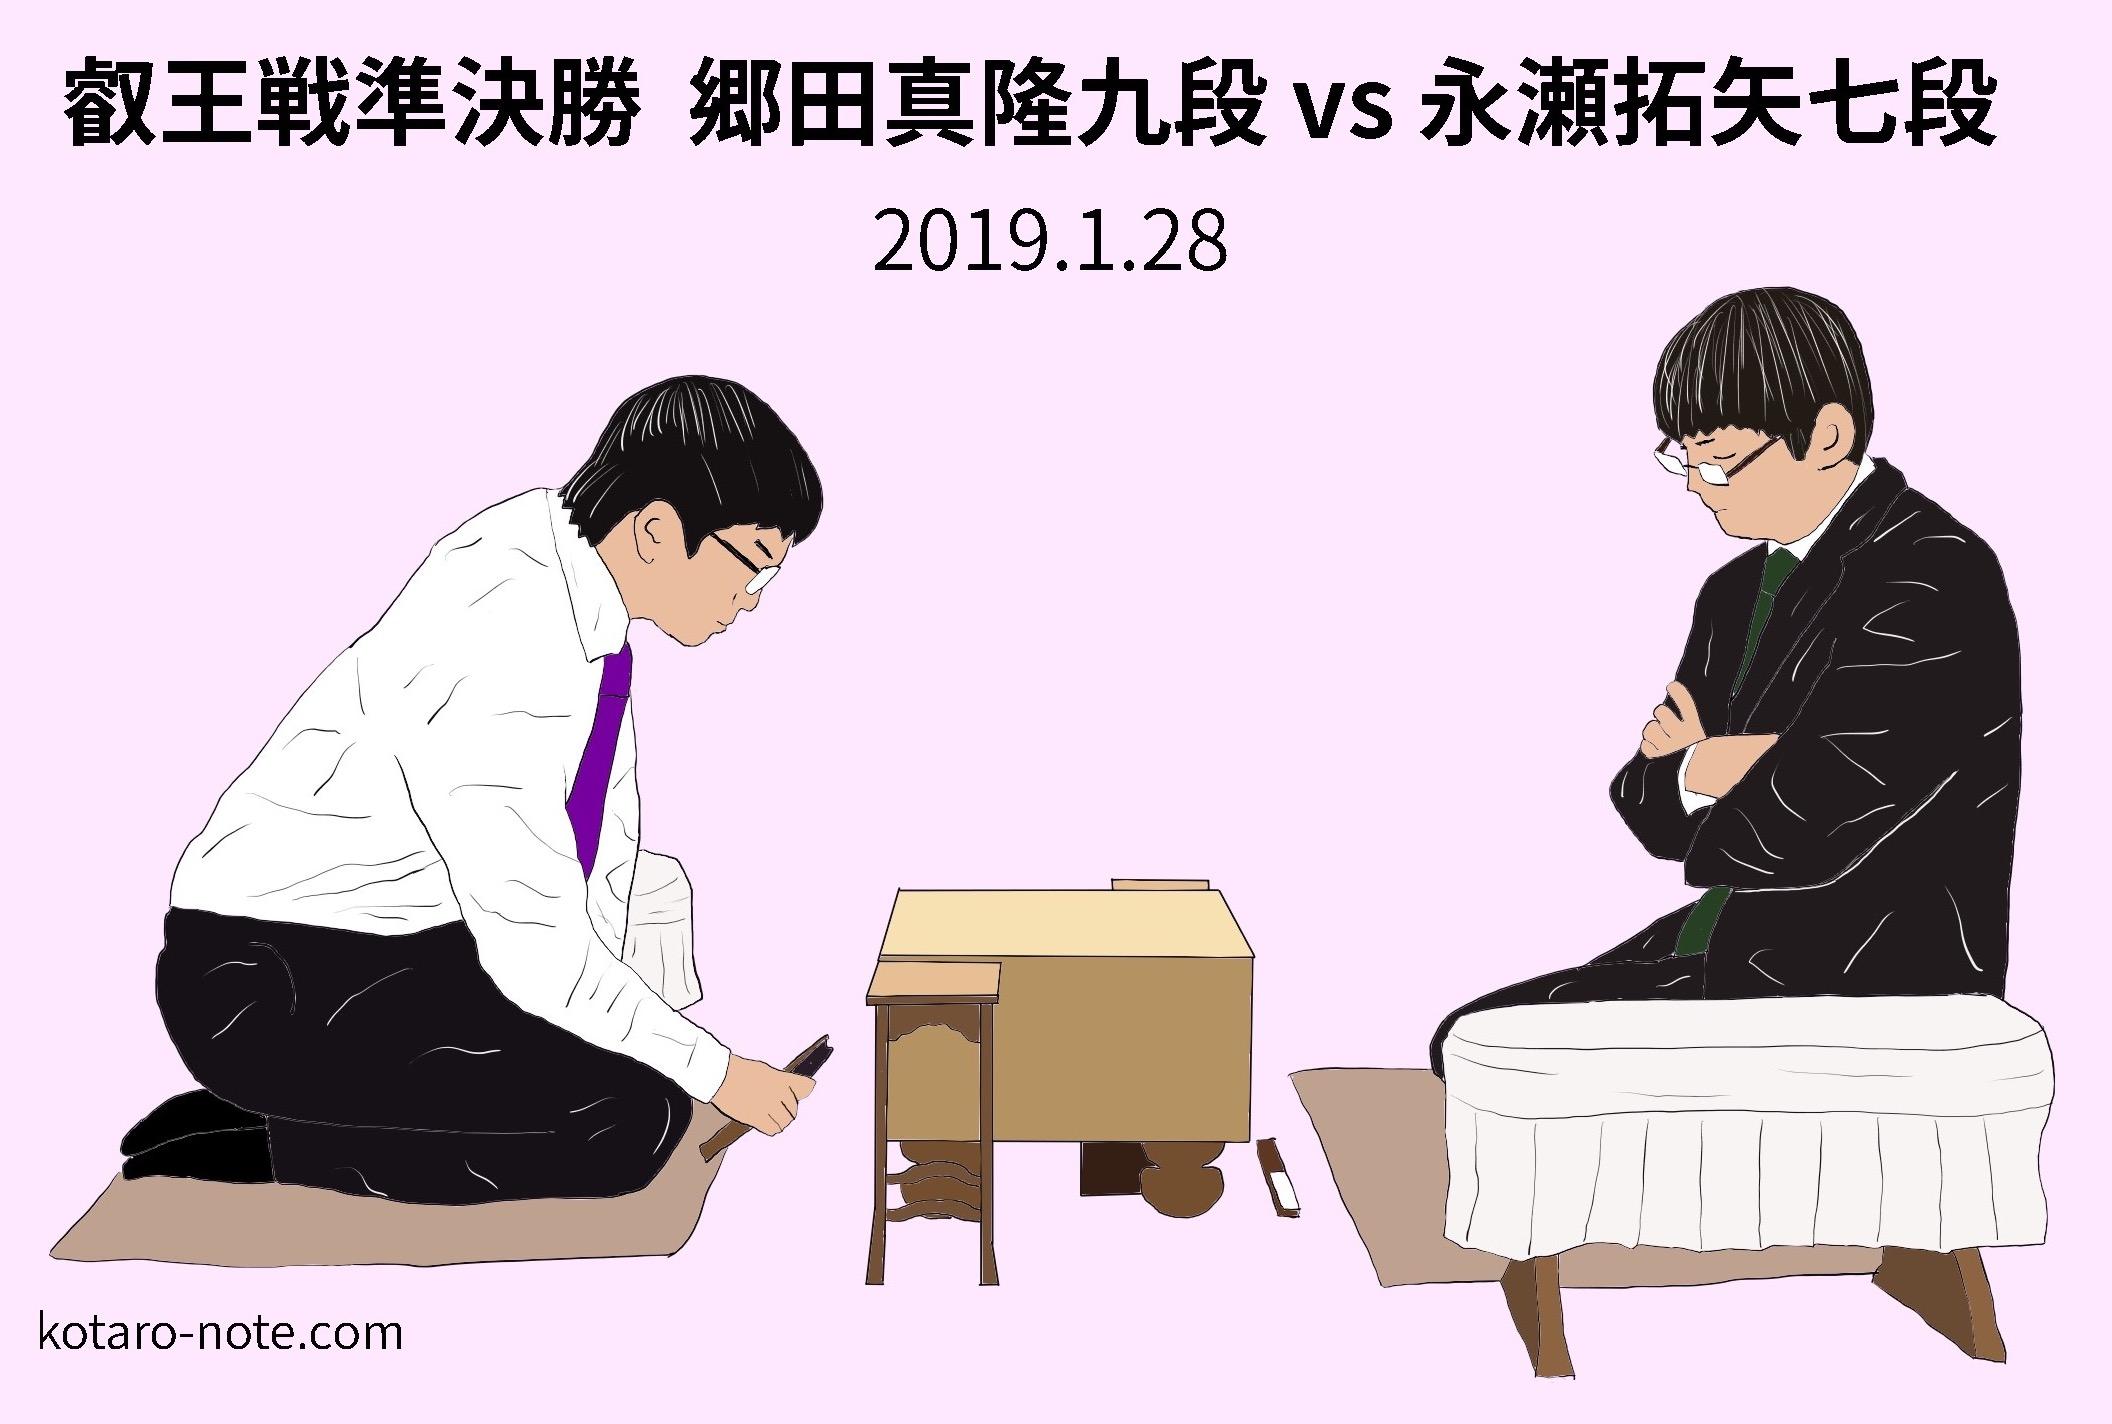 郷田真隆九段vs永瀬拓矢七段、叡王戦